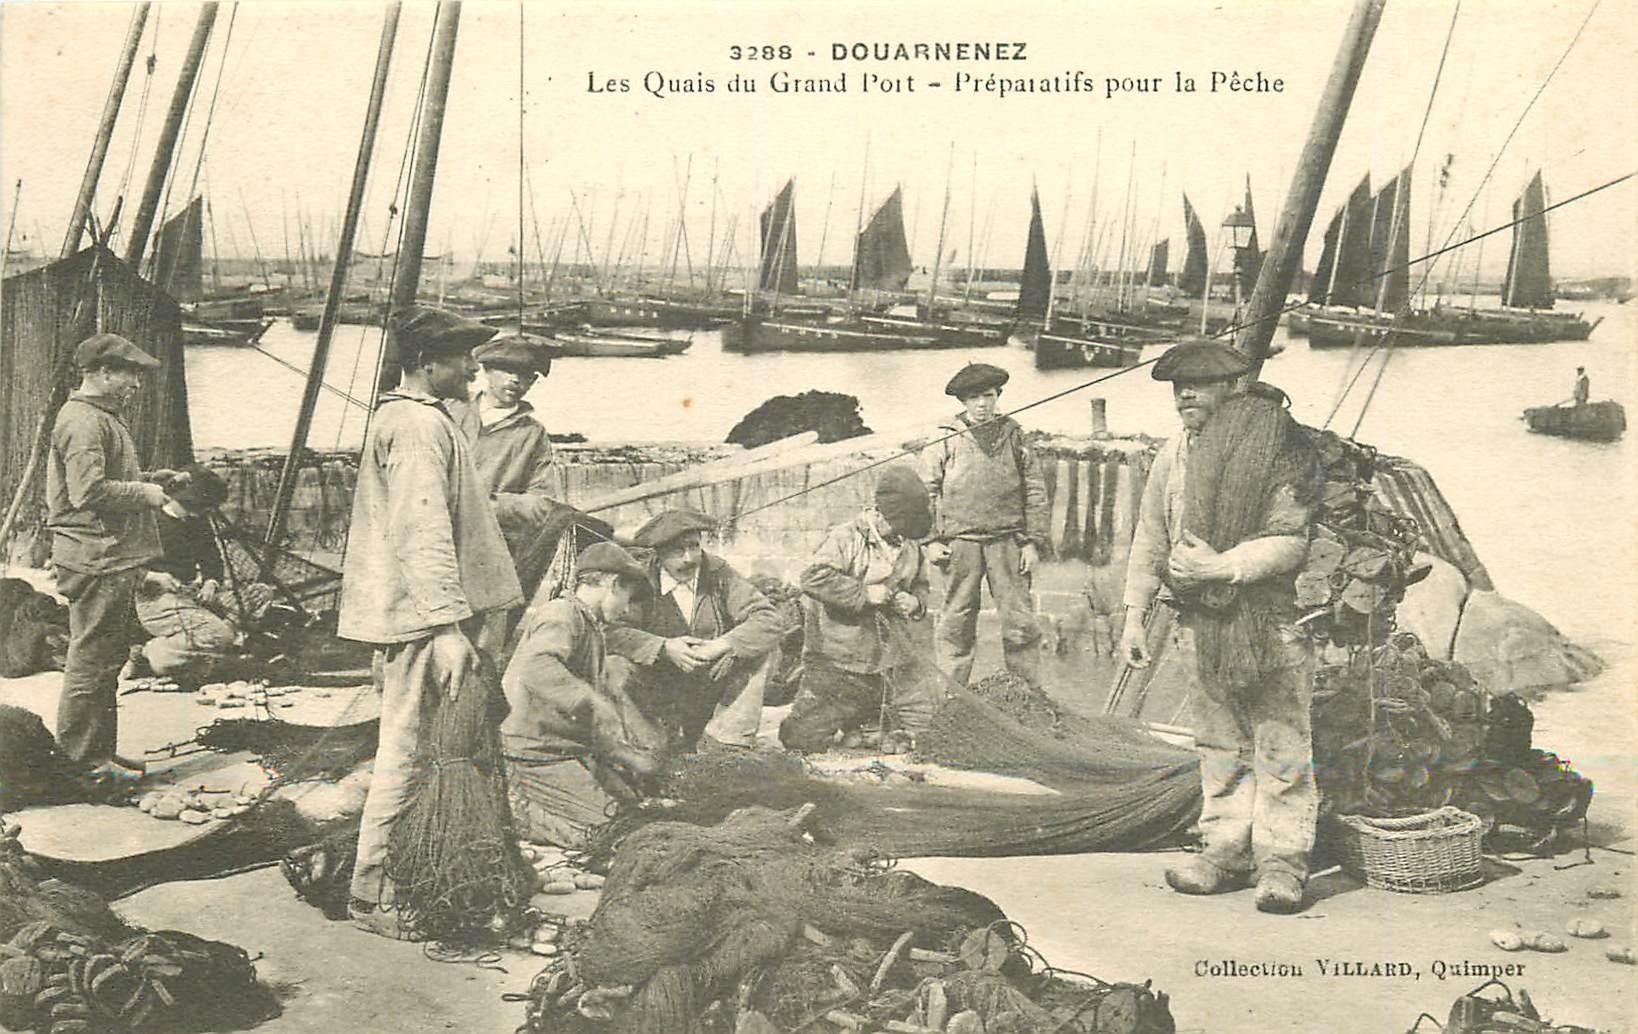 29 DOUARNENEZ. Préparatifs pour la Pêche sur les Quais du Grand Port 1906